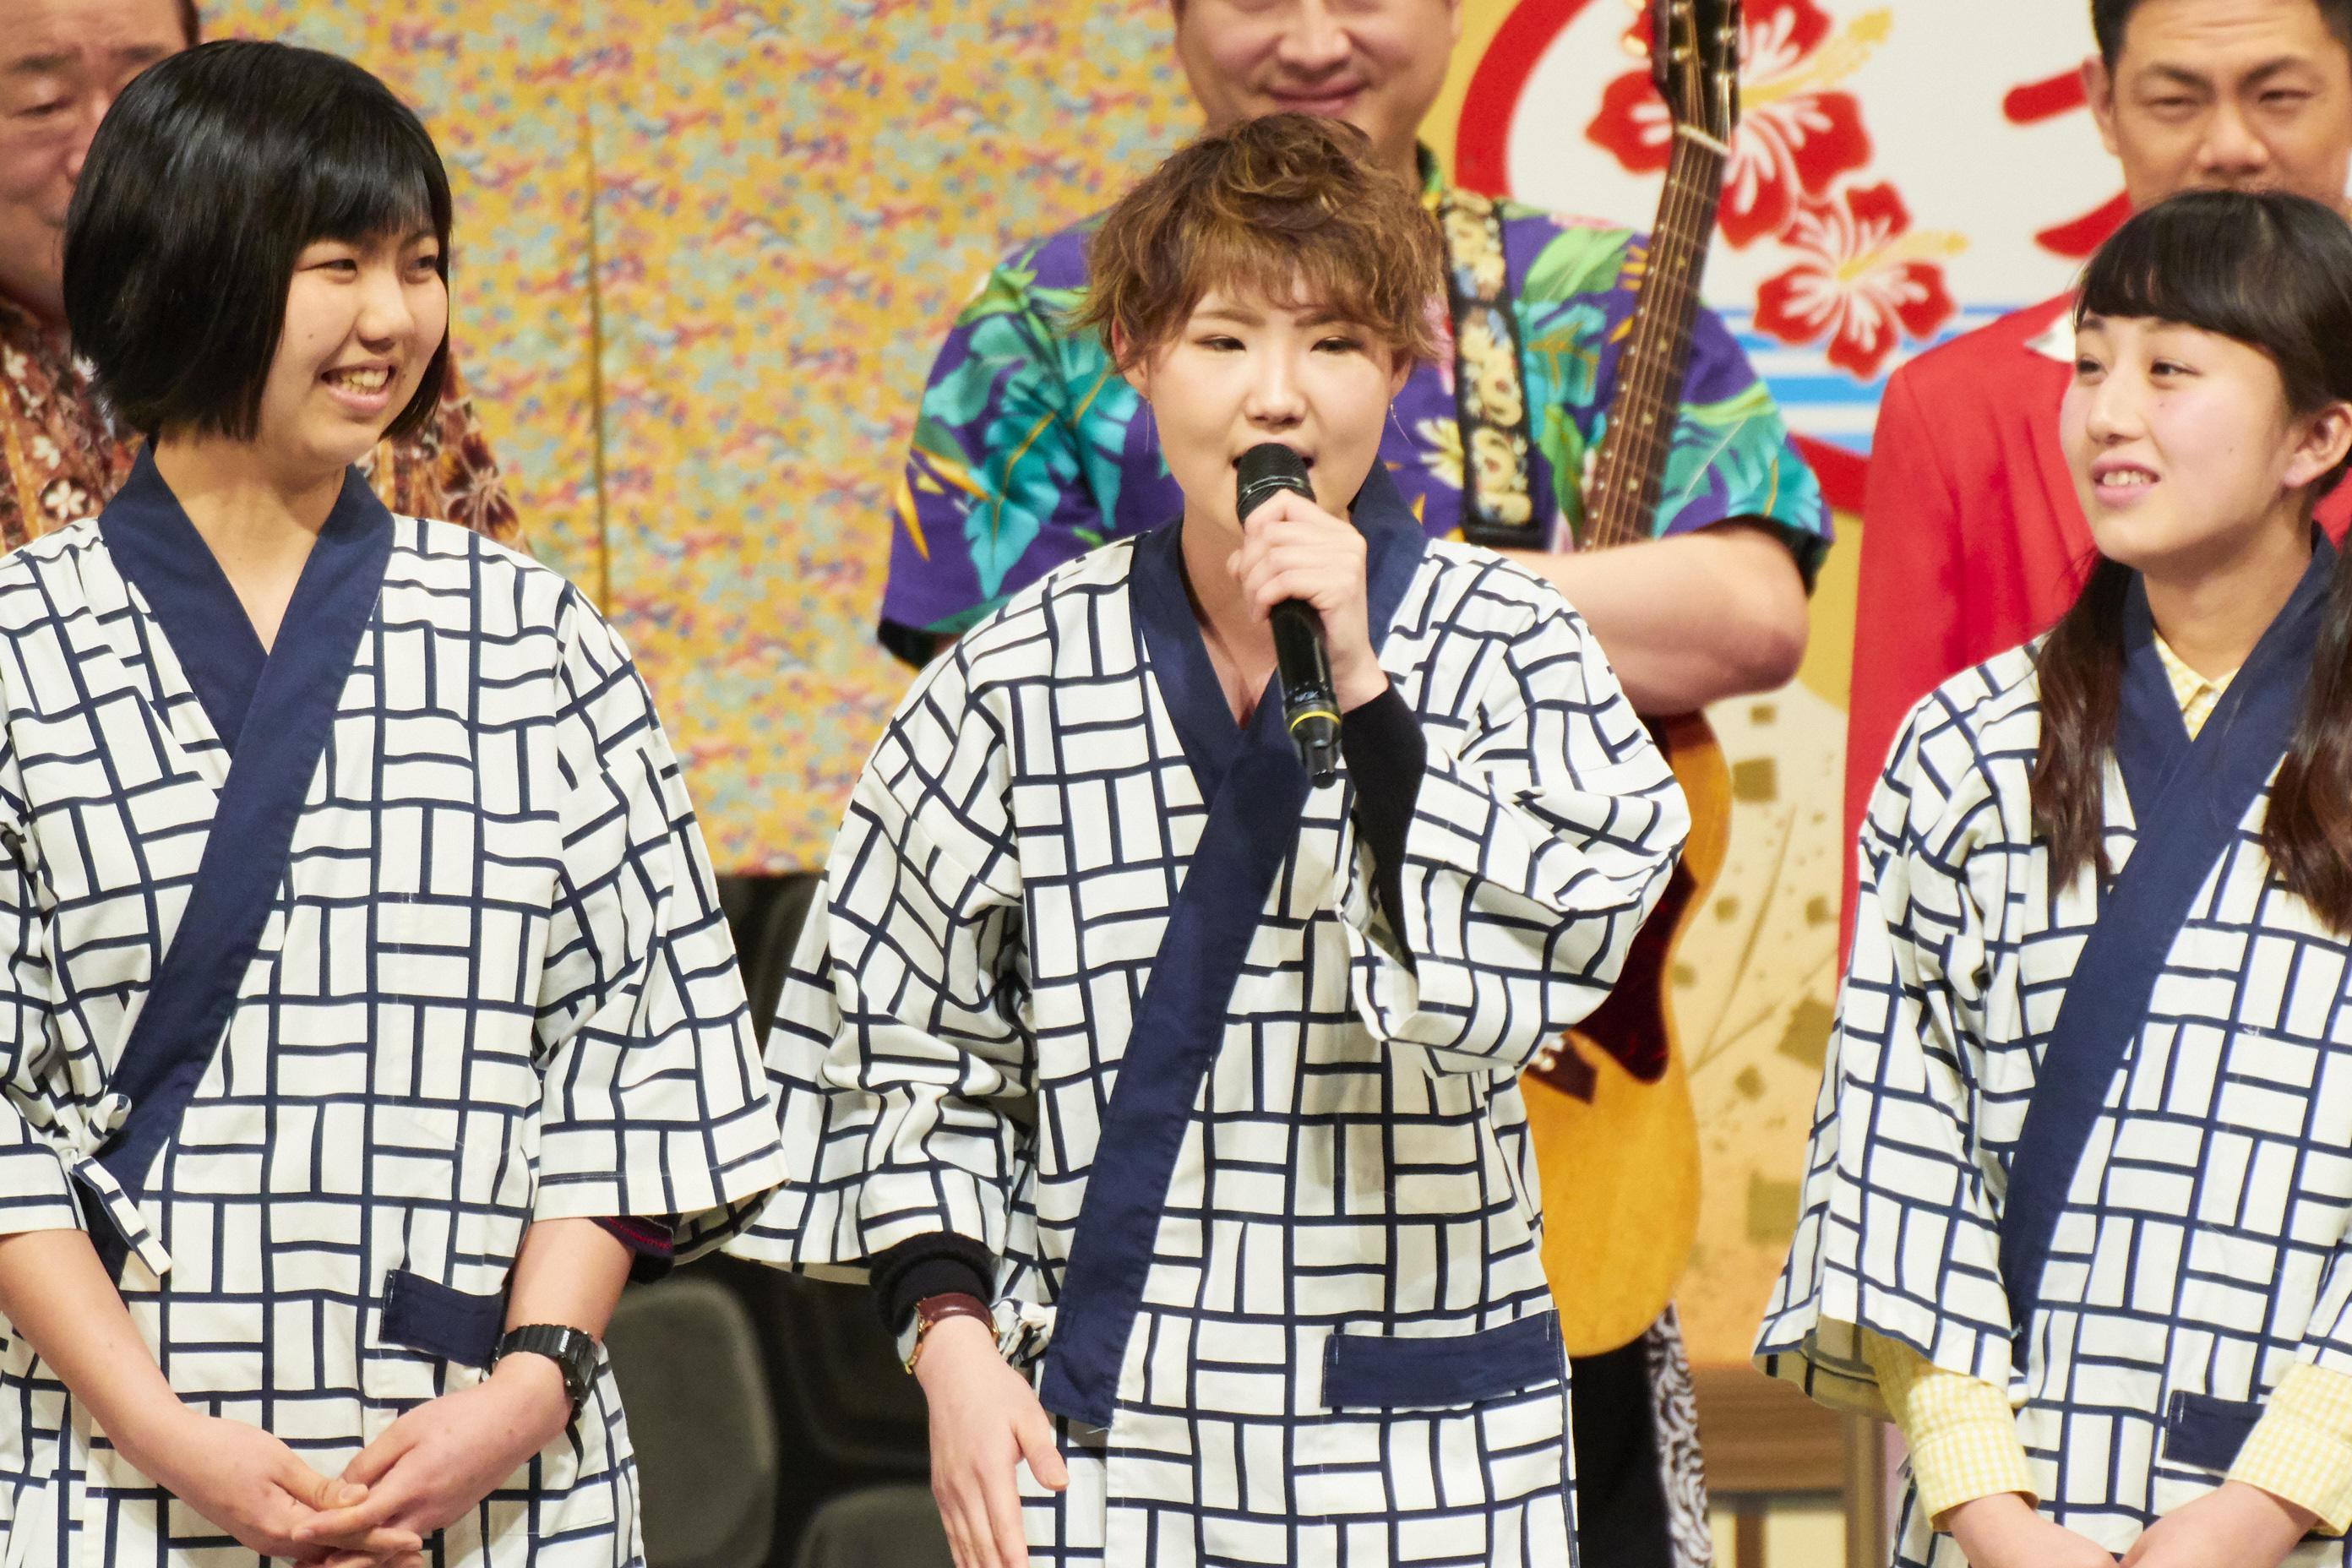 http://news.yoshimoto.co.jp/20180415184618-0e8411893613a51cc97427bb1be570b4cbabbdde.jpg